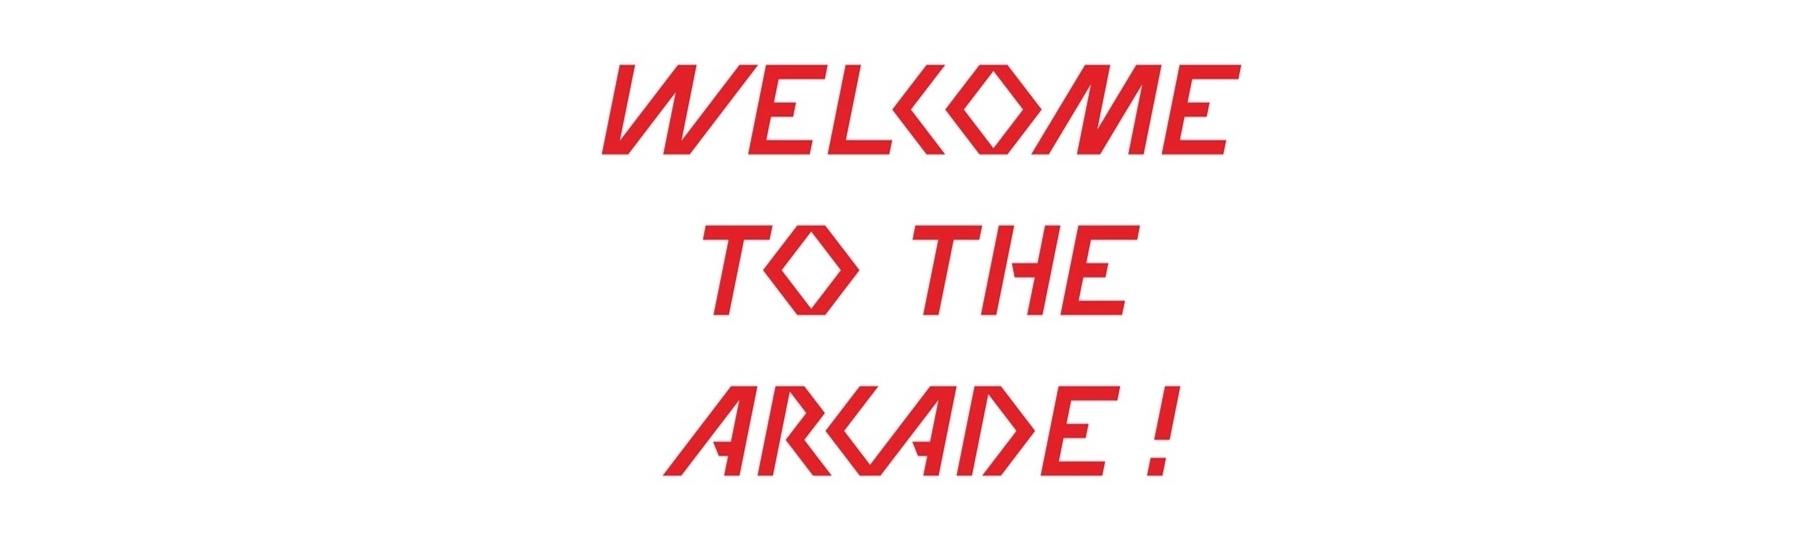 Nouvelle exposition de jeux vidéo : Welcome to the Arcade !